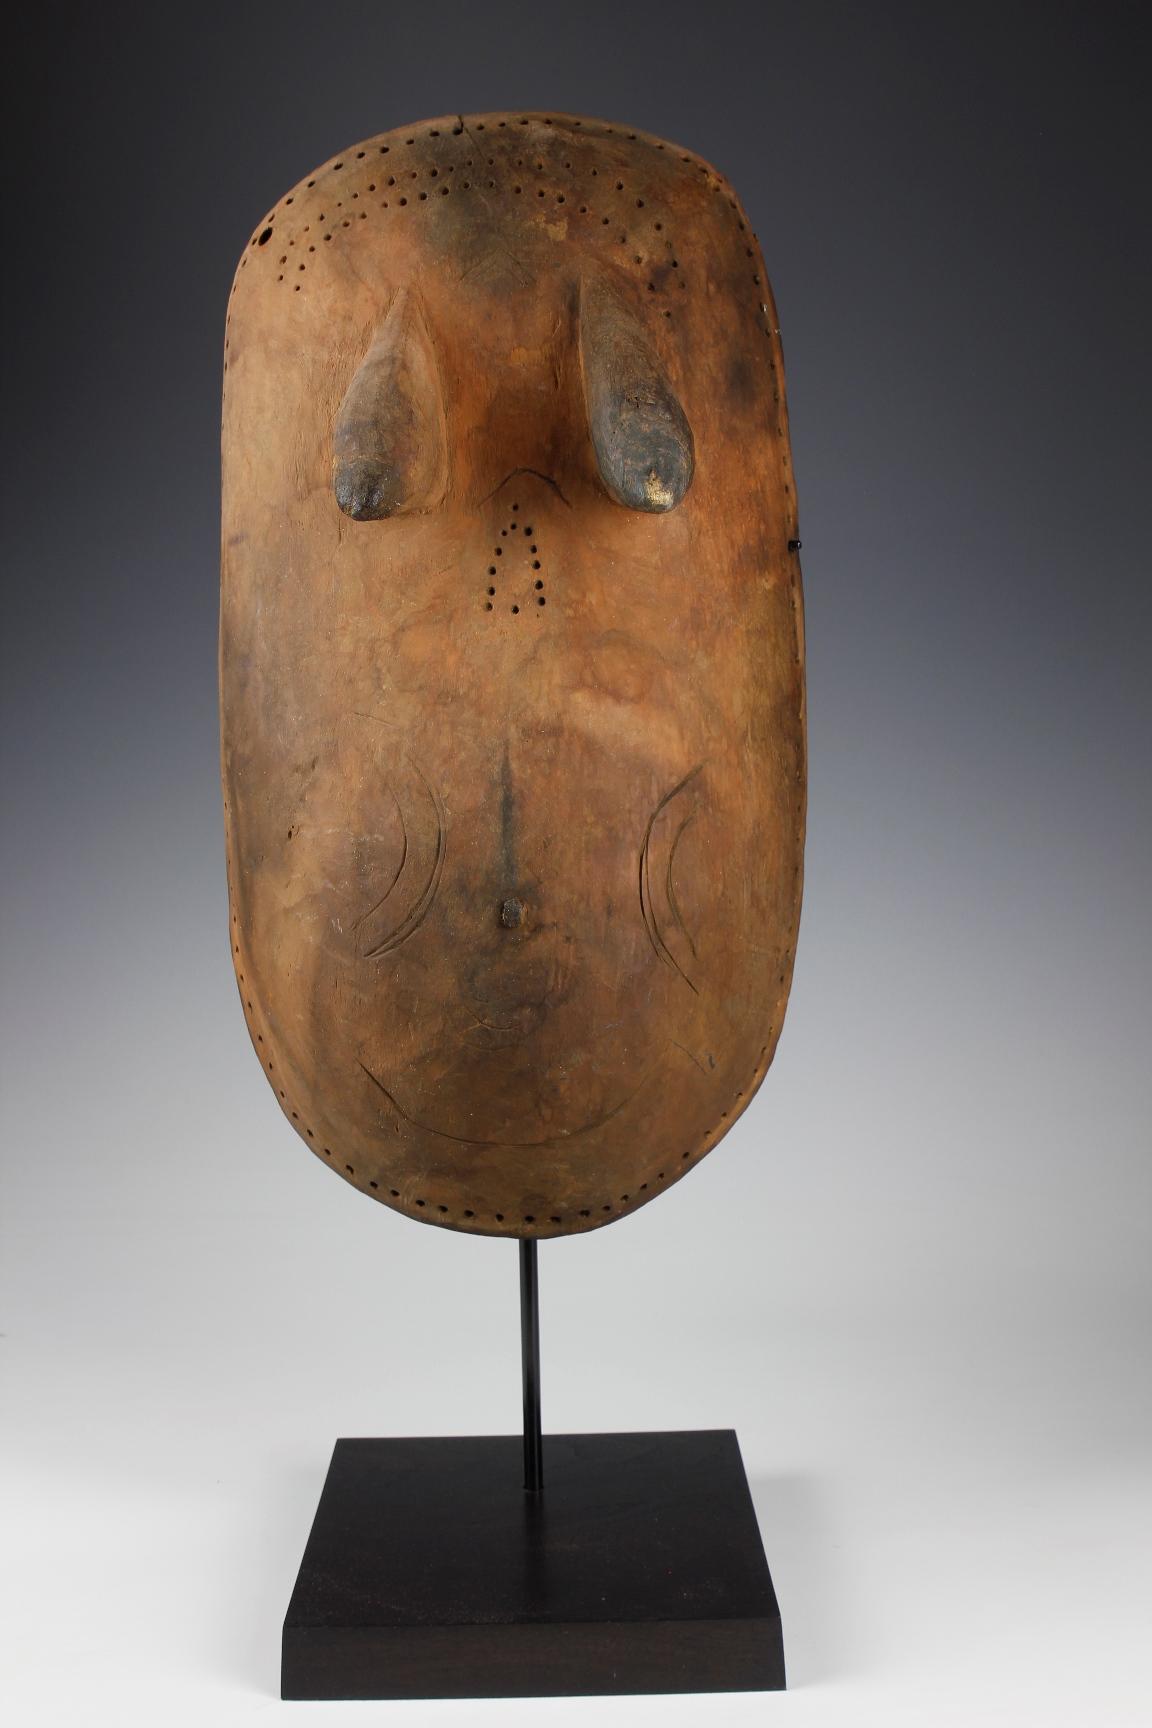 25. Body Mask (Ndimu)